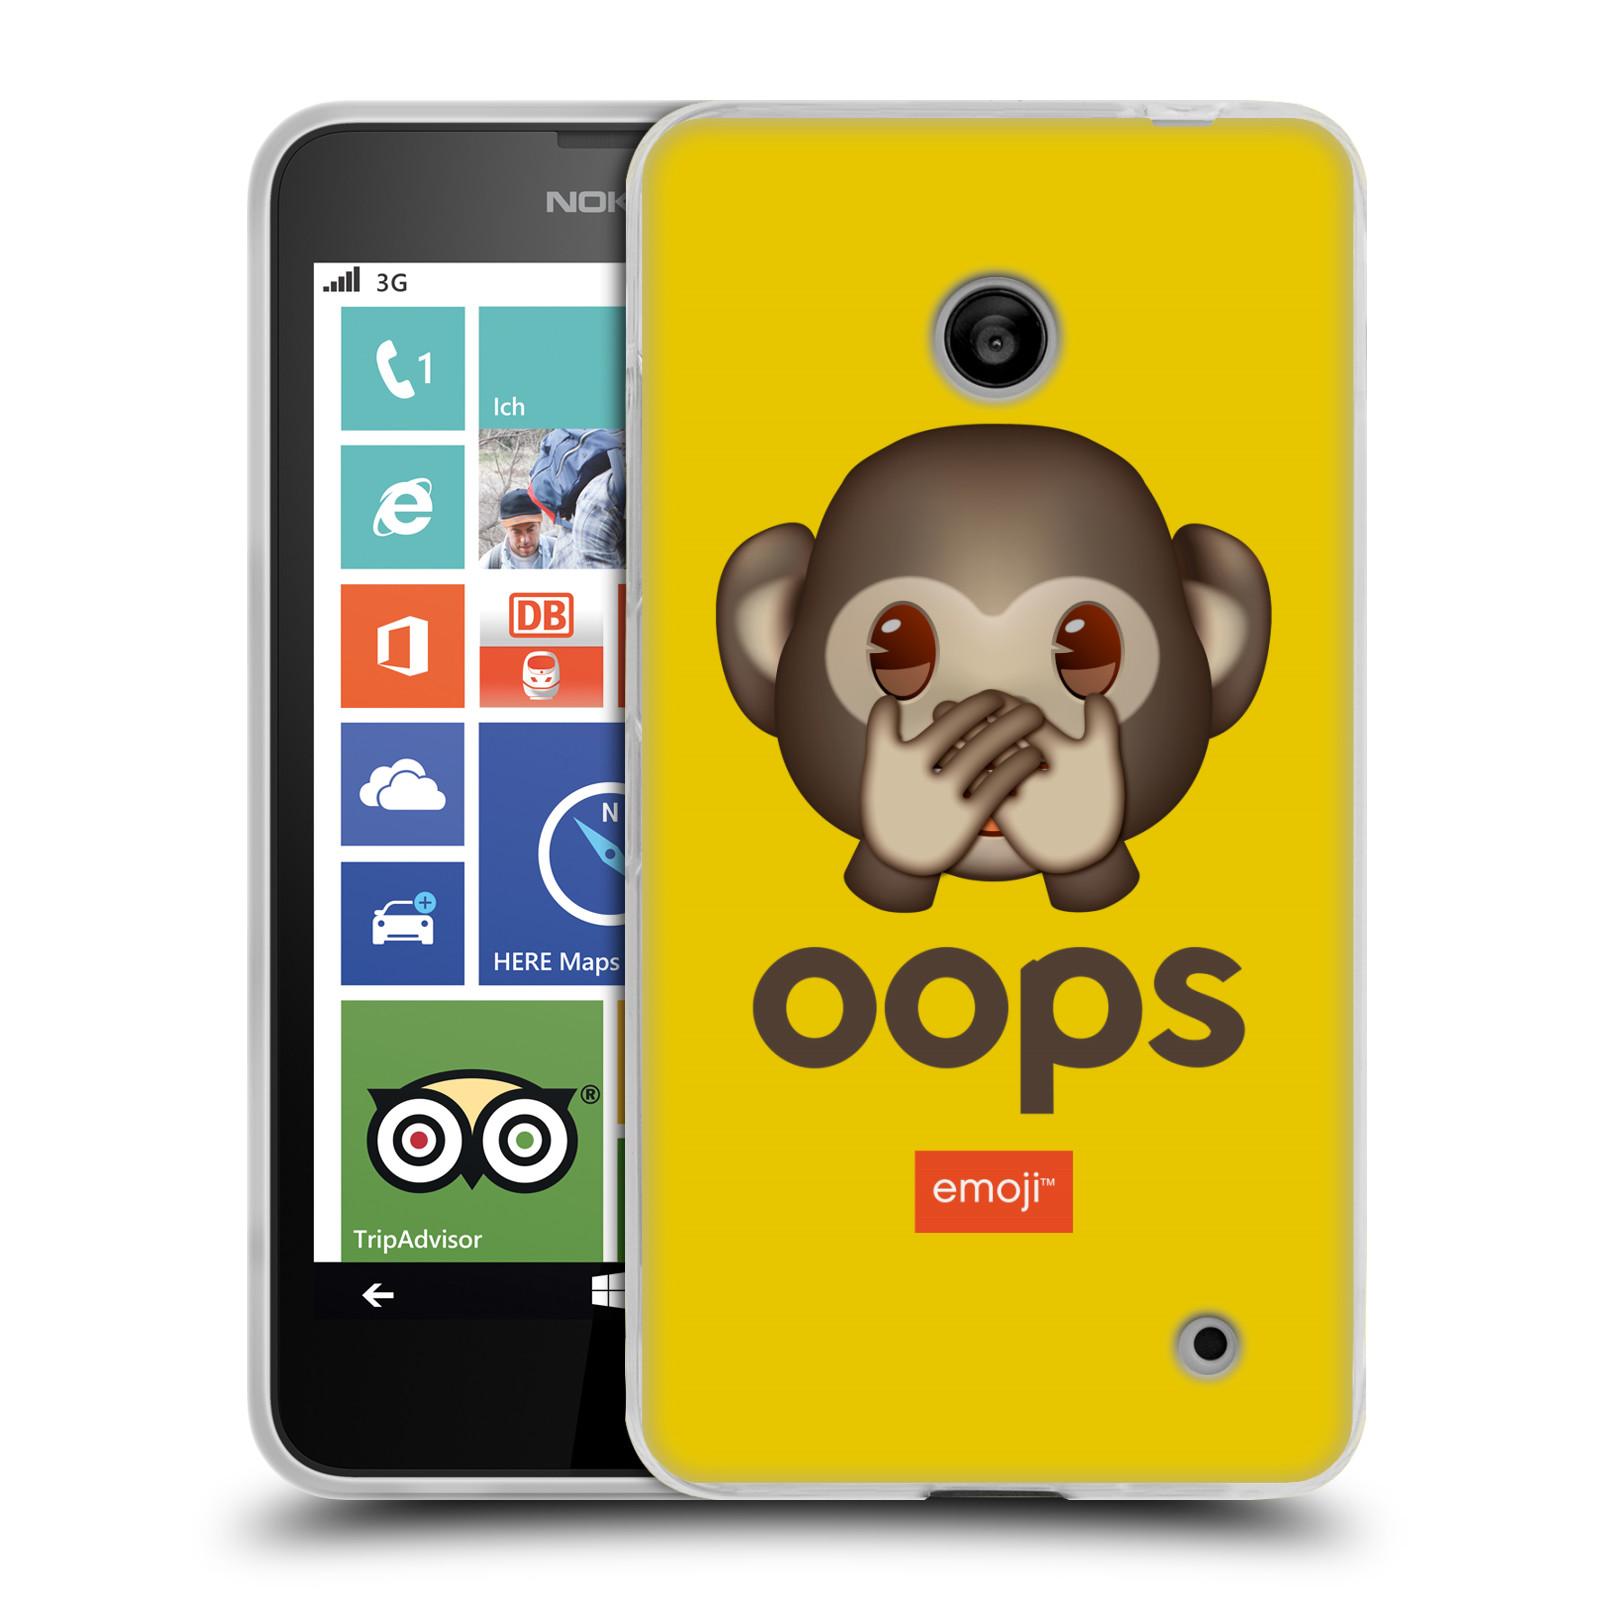 Silikonové pouzdro na mobil Nokia Lumia 635 HEAD CASE EMOJI - Opička OOPS (Silikonový kryt či obal s oficiálním motivem EMOJI na mobilní telefon Nokia Lumia 635 Dual SIM)